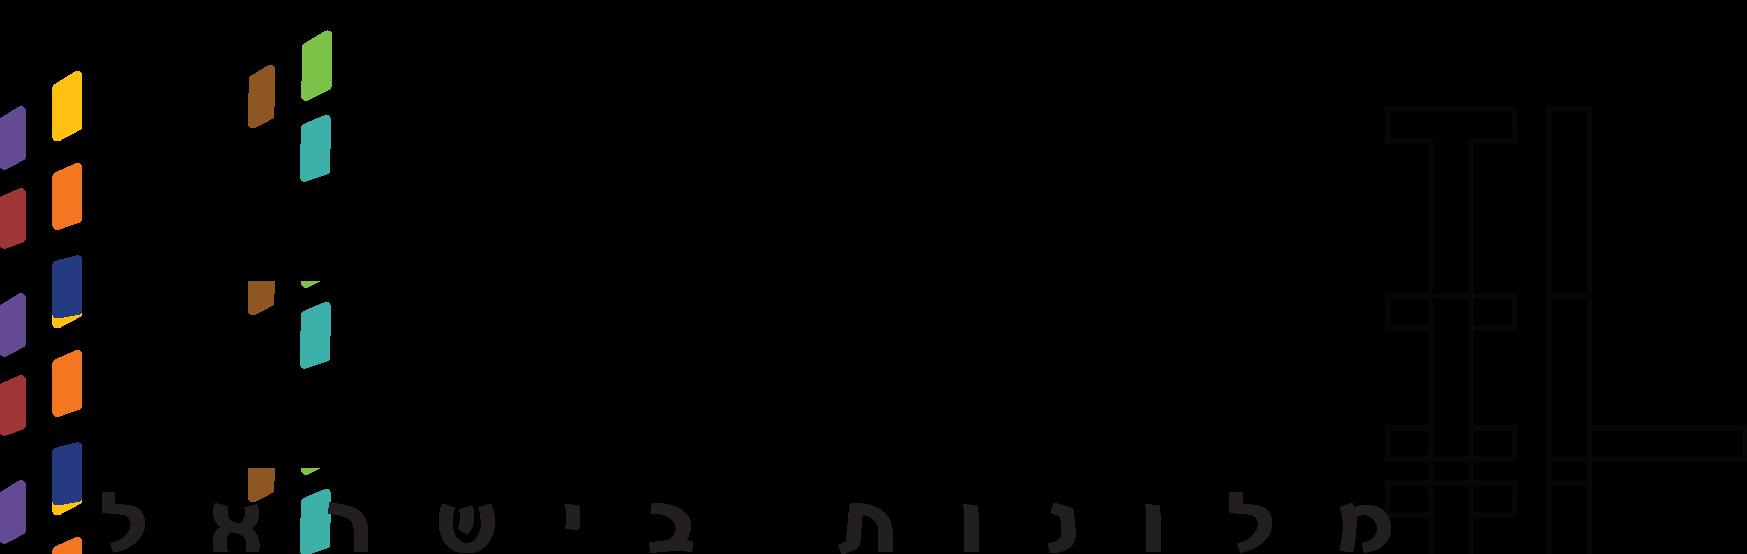 הוטלז - מלונות בישראל   מקומות אירוח ביעדי תיירות ונופש בישראל   הוטלז - מלונות בישראל